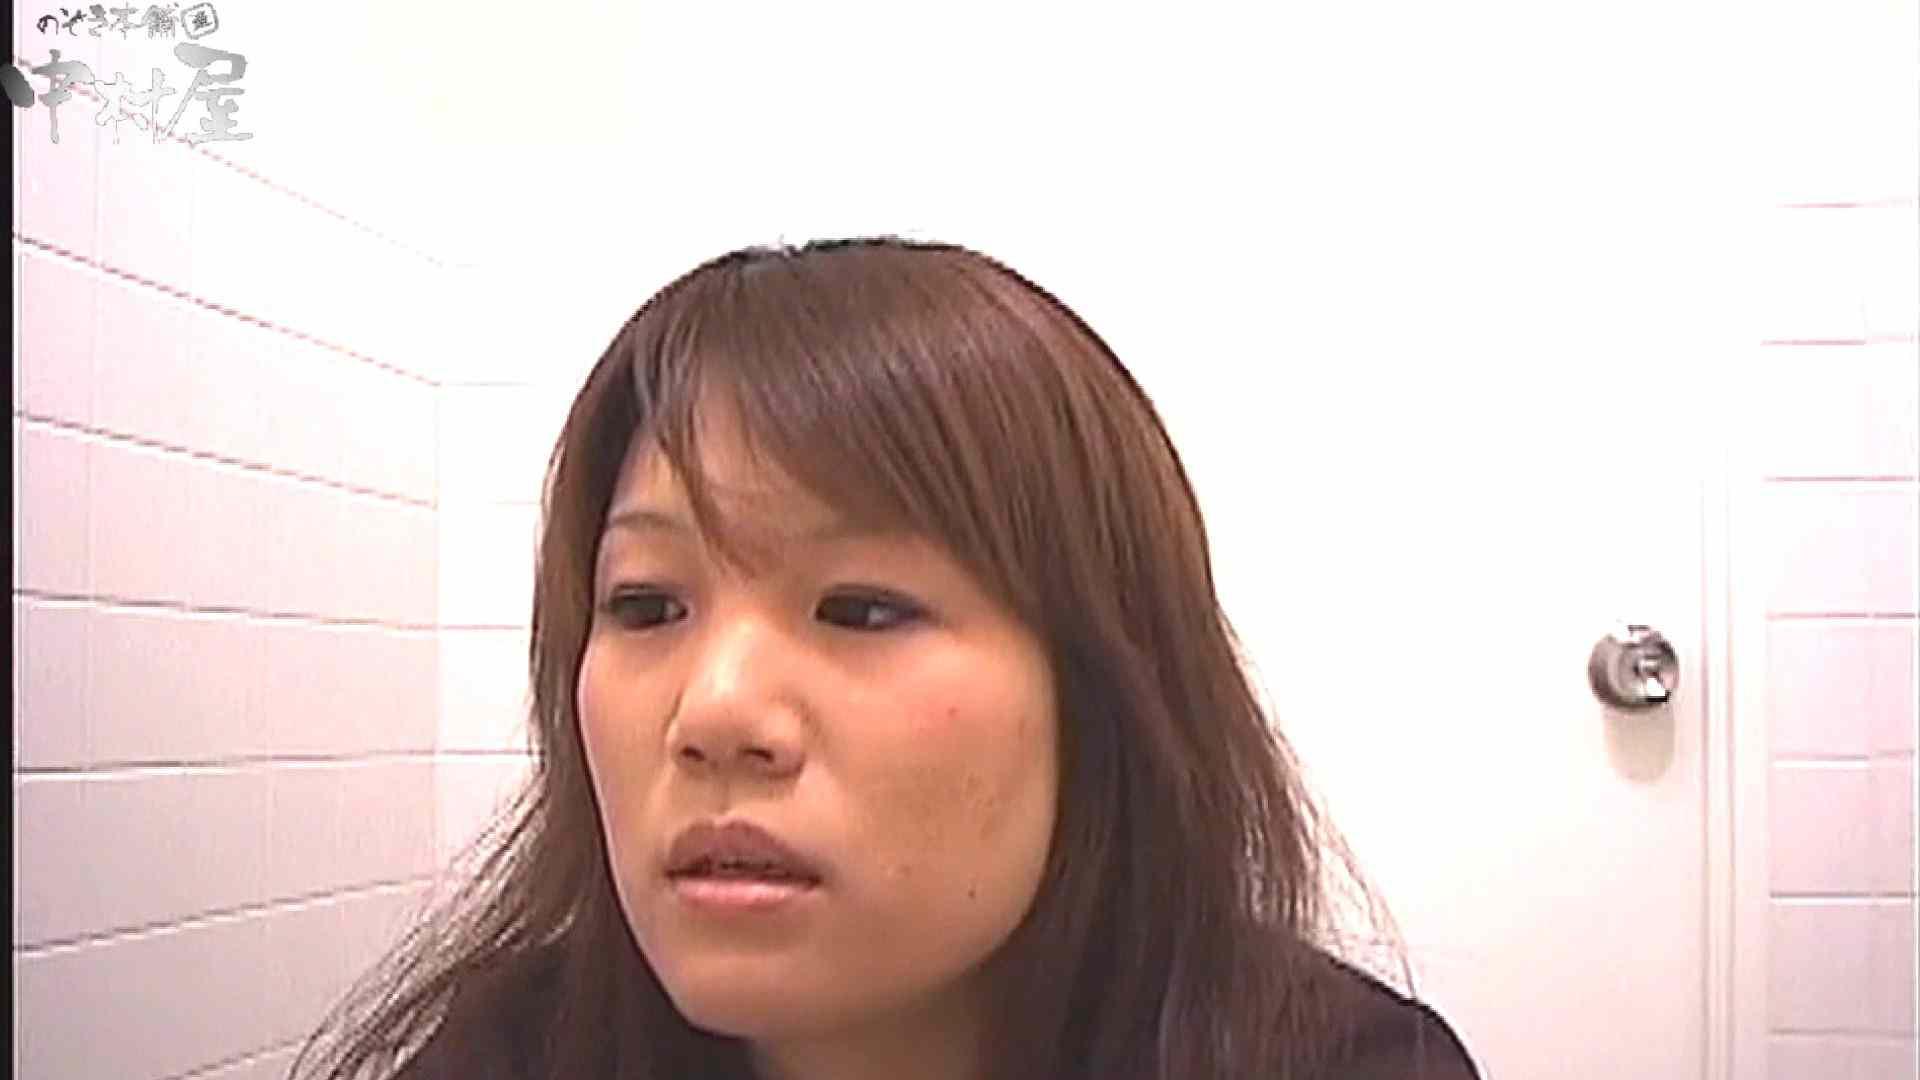 お漏らし寸前デパトイレ盗撮!Vol.12 盗撮動画 すけべAV動画紹介 9枚 2